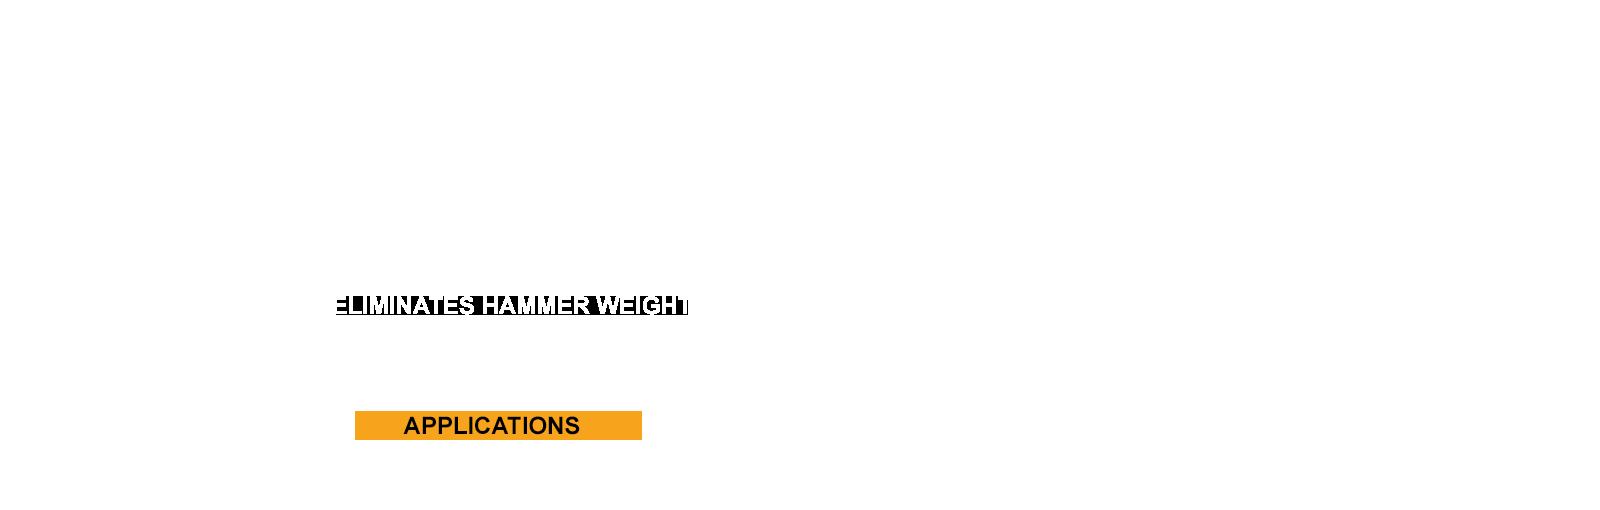 Eliminate Hammer Weight